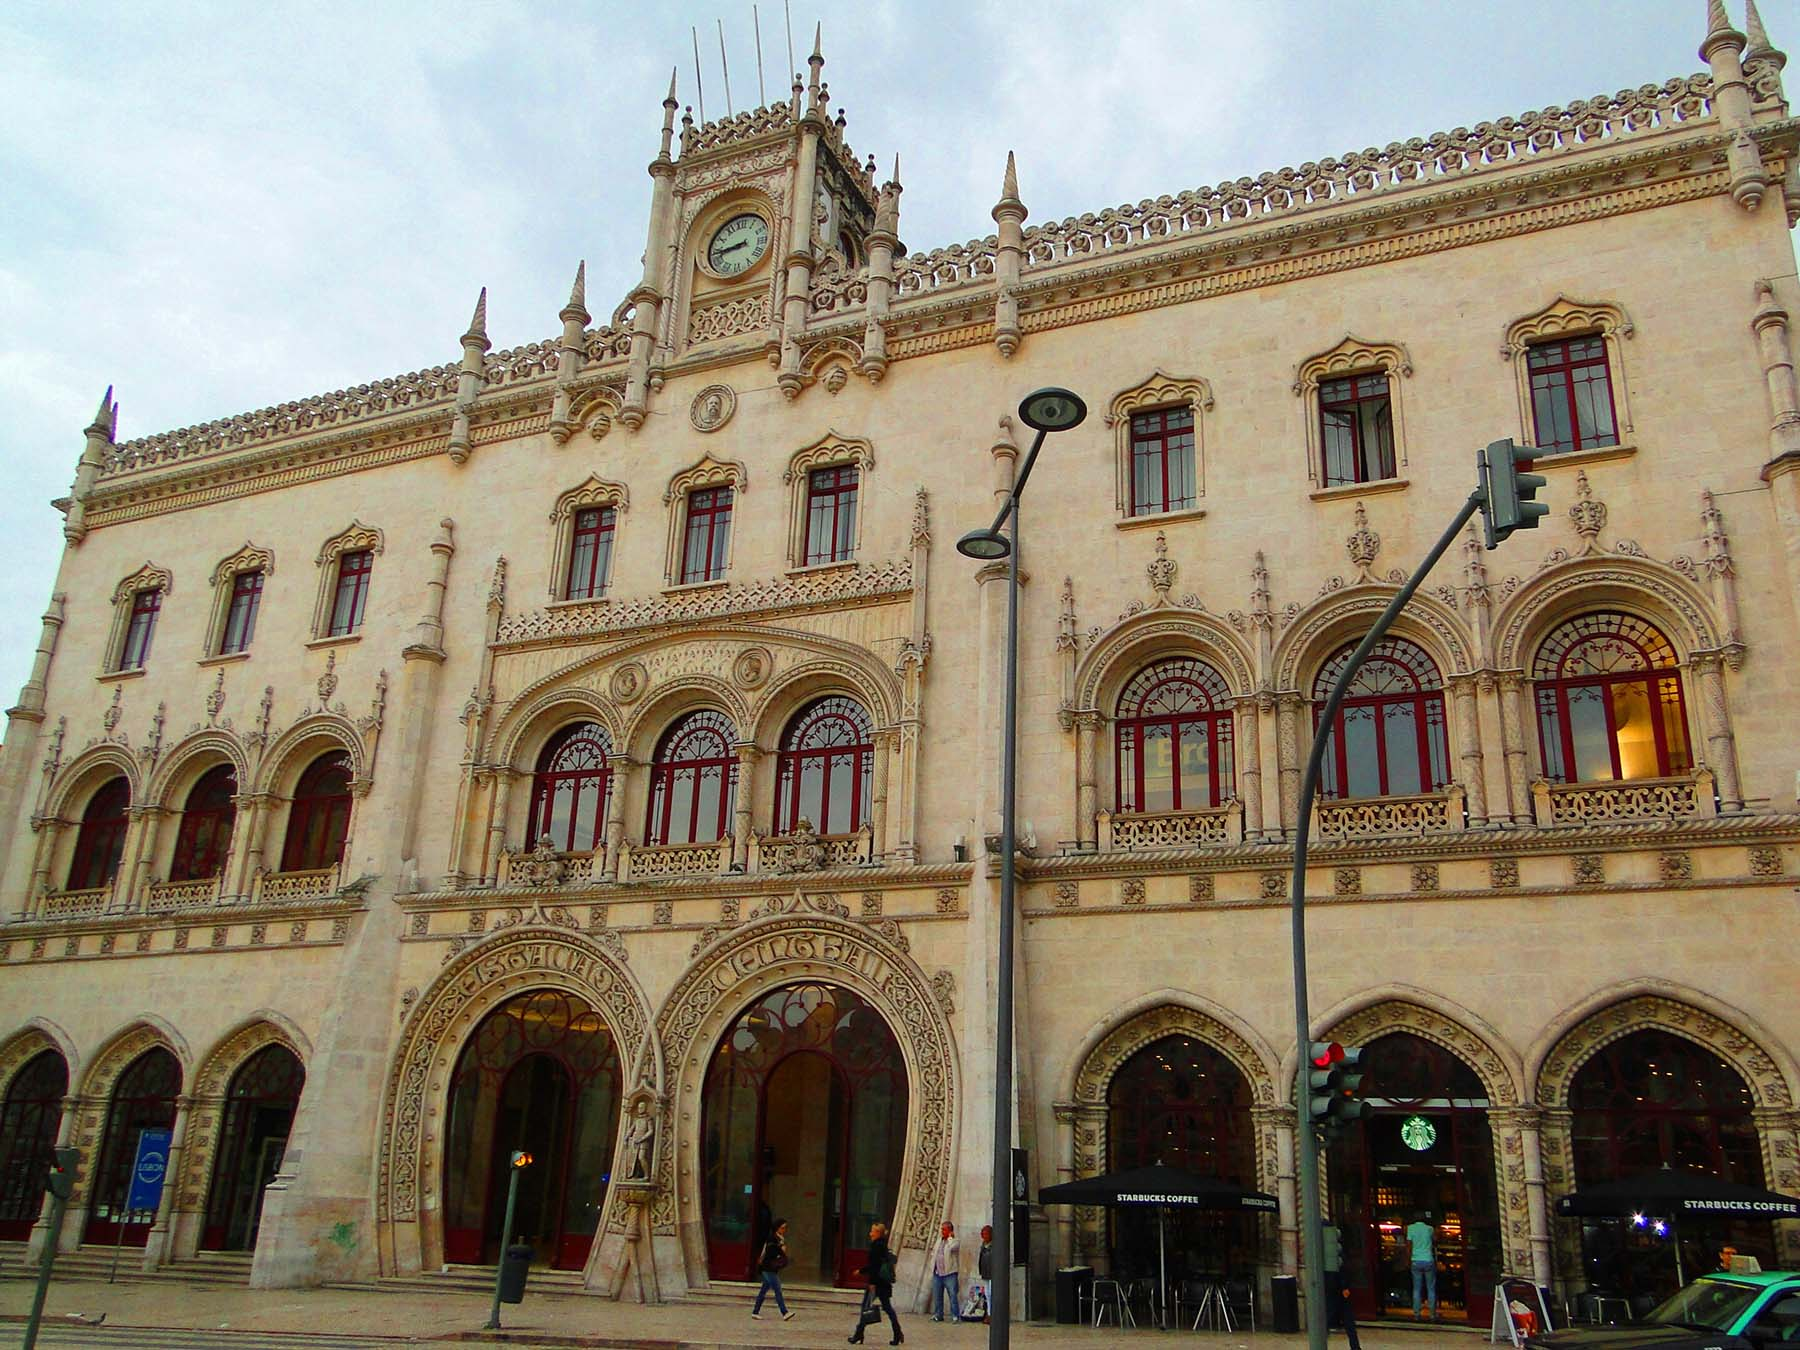 Estação de trem Rossio, Lisboa, Portugal.